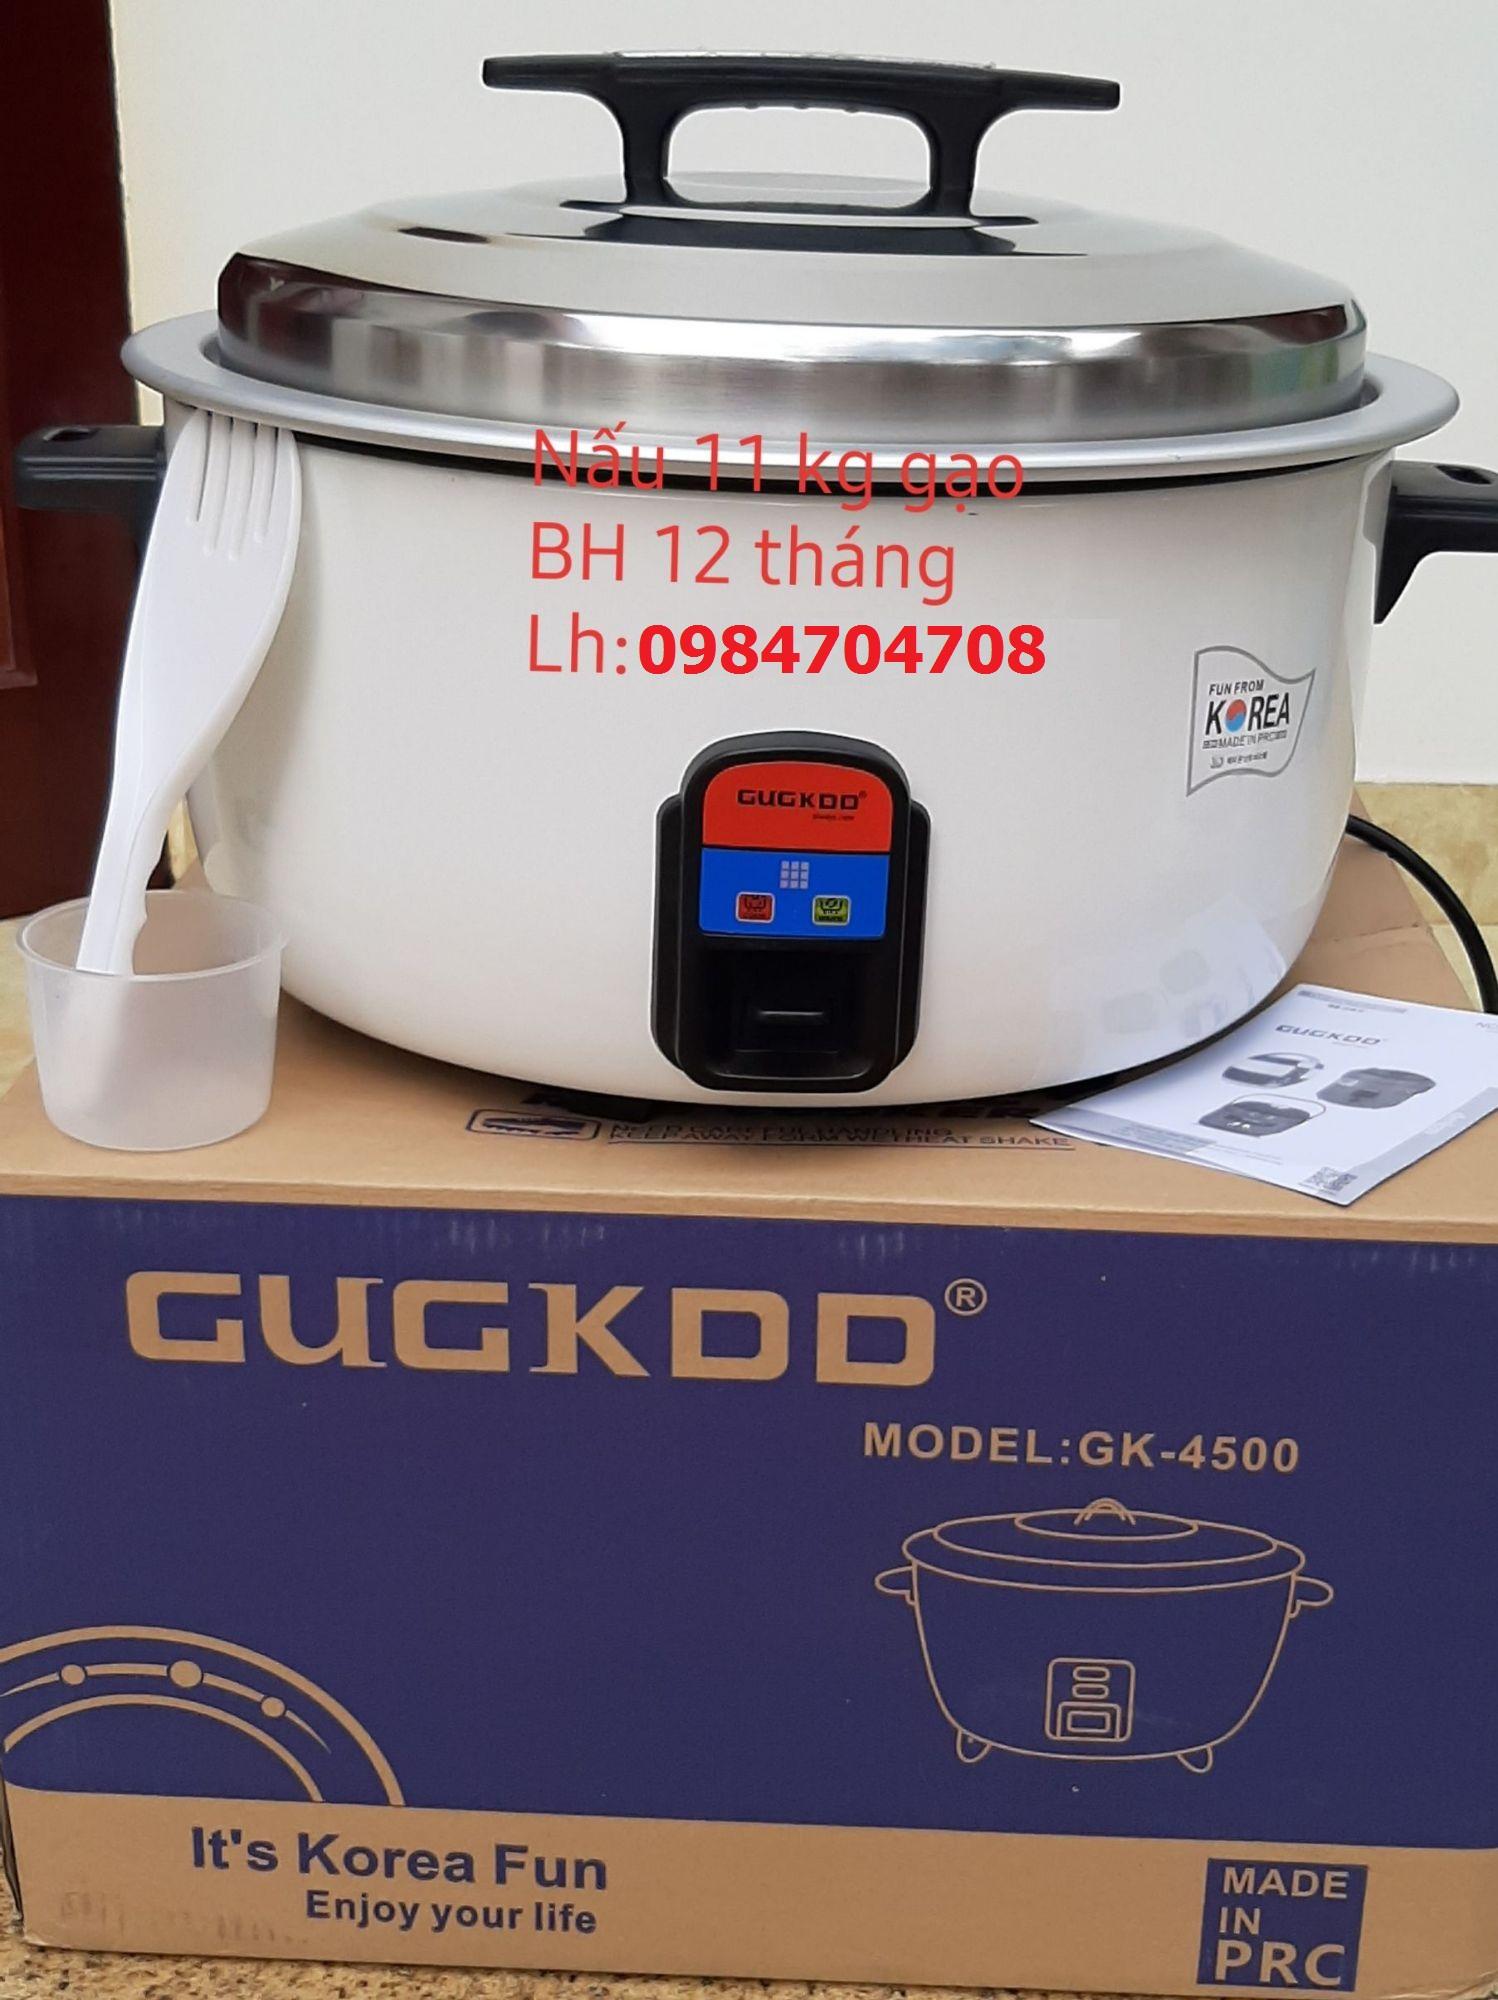 Nồi cơm điện công nghiệp CUCKOO 40L Hàn Quốc 4500w, nấu 11kg gạo